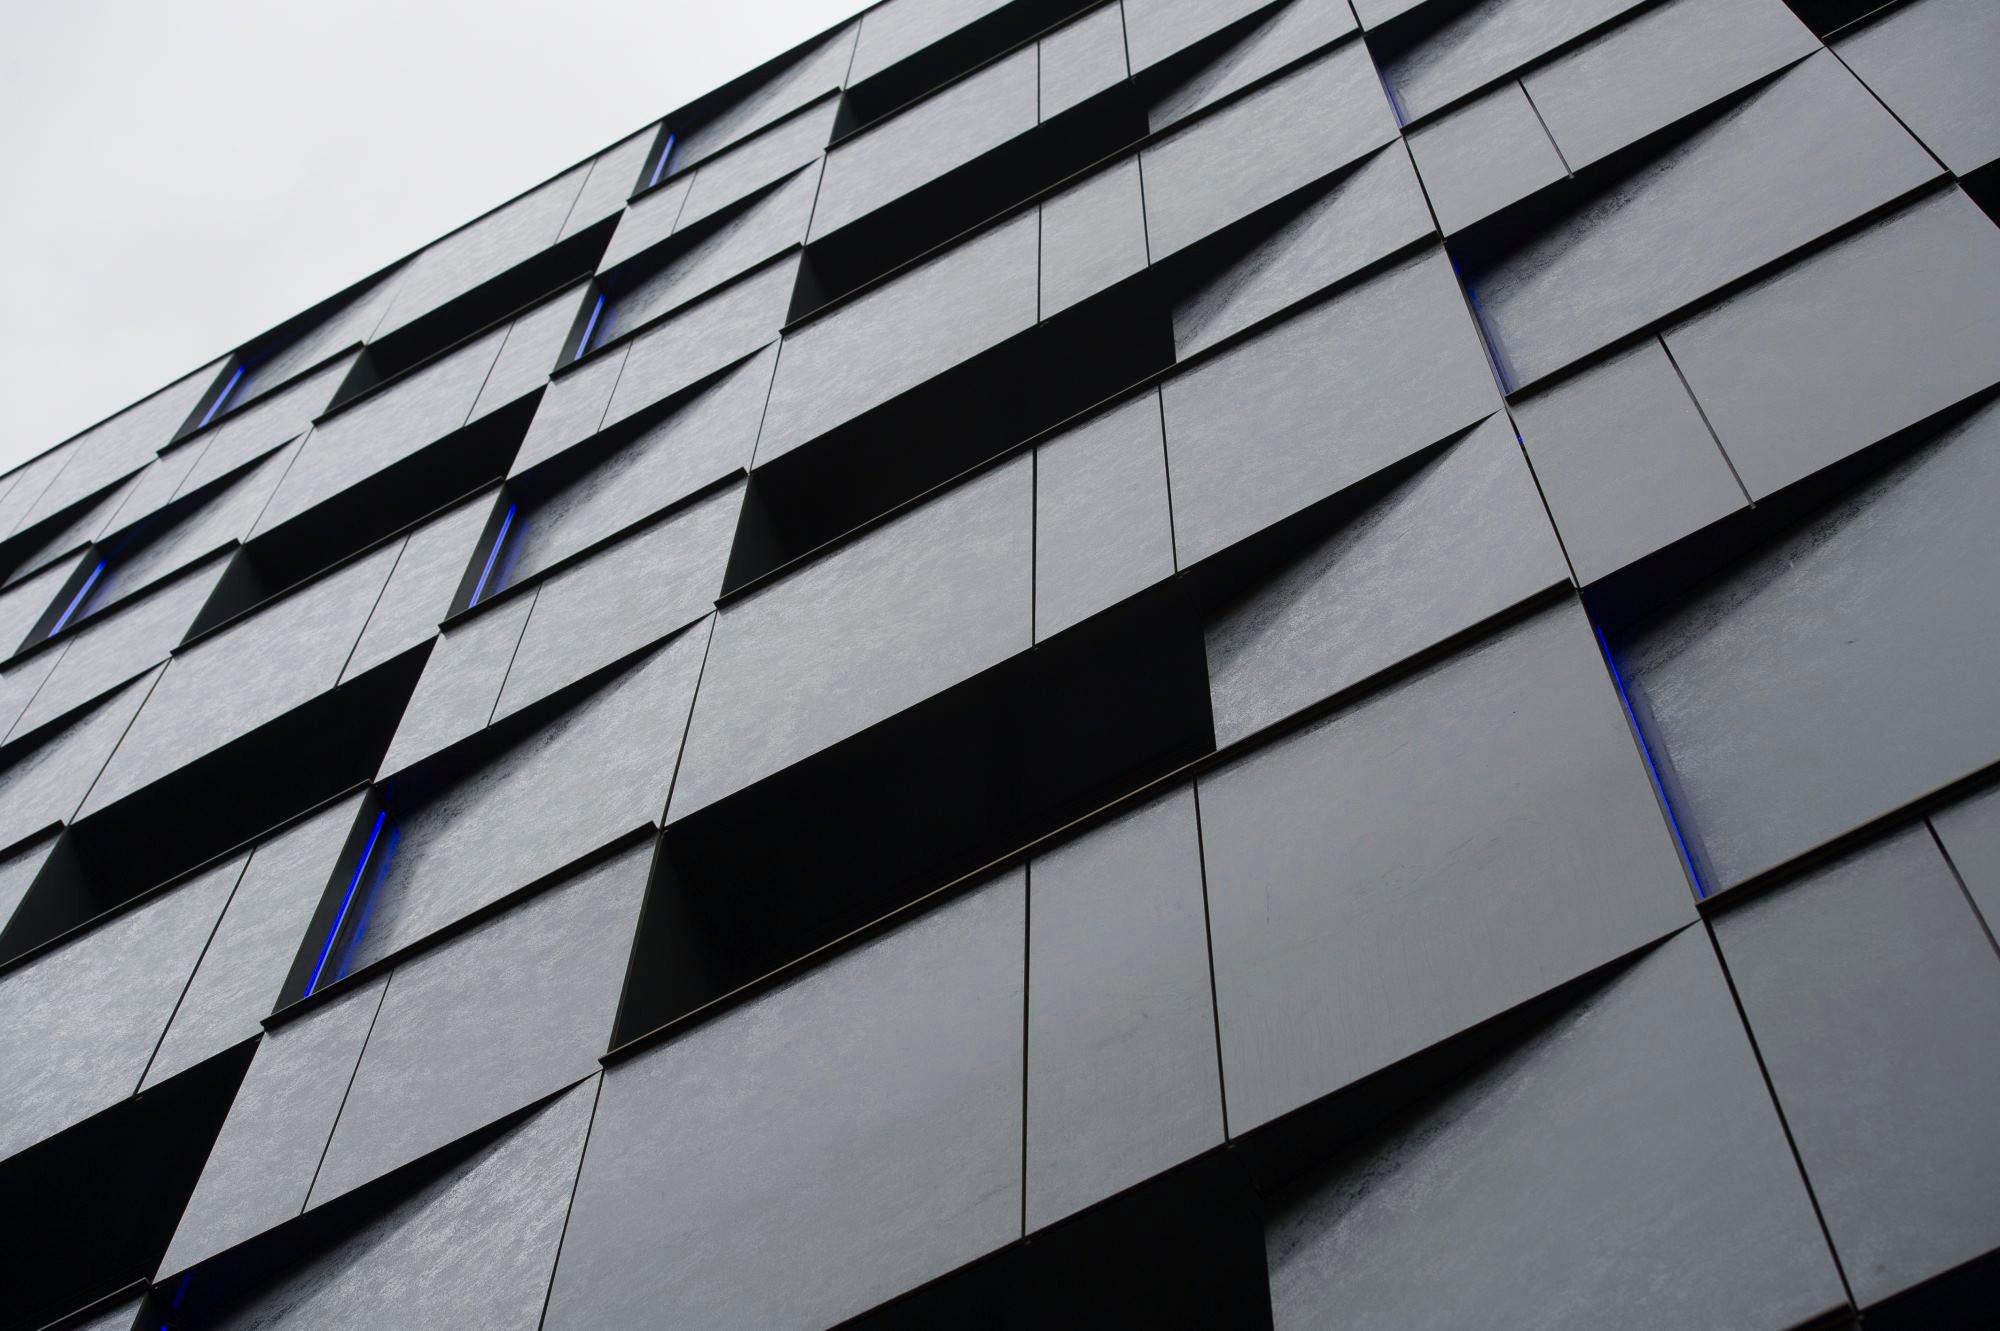 La facciata ventilata ed i suoi vantaggi: ciclo di webinar con Trespa